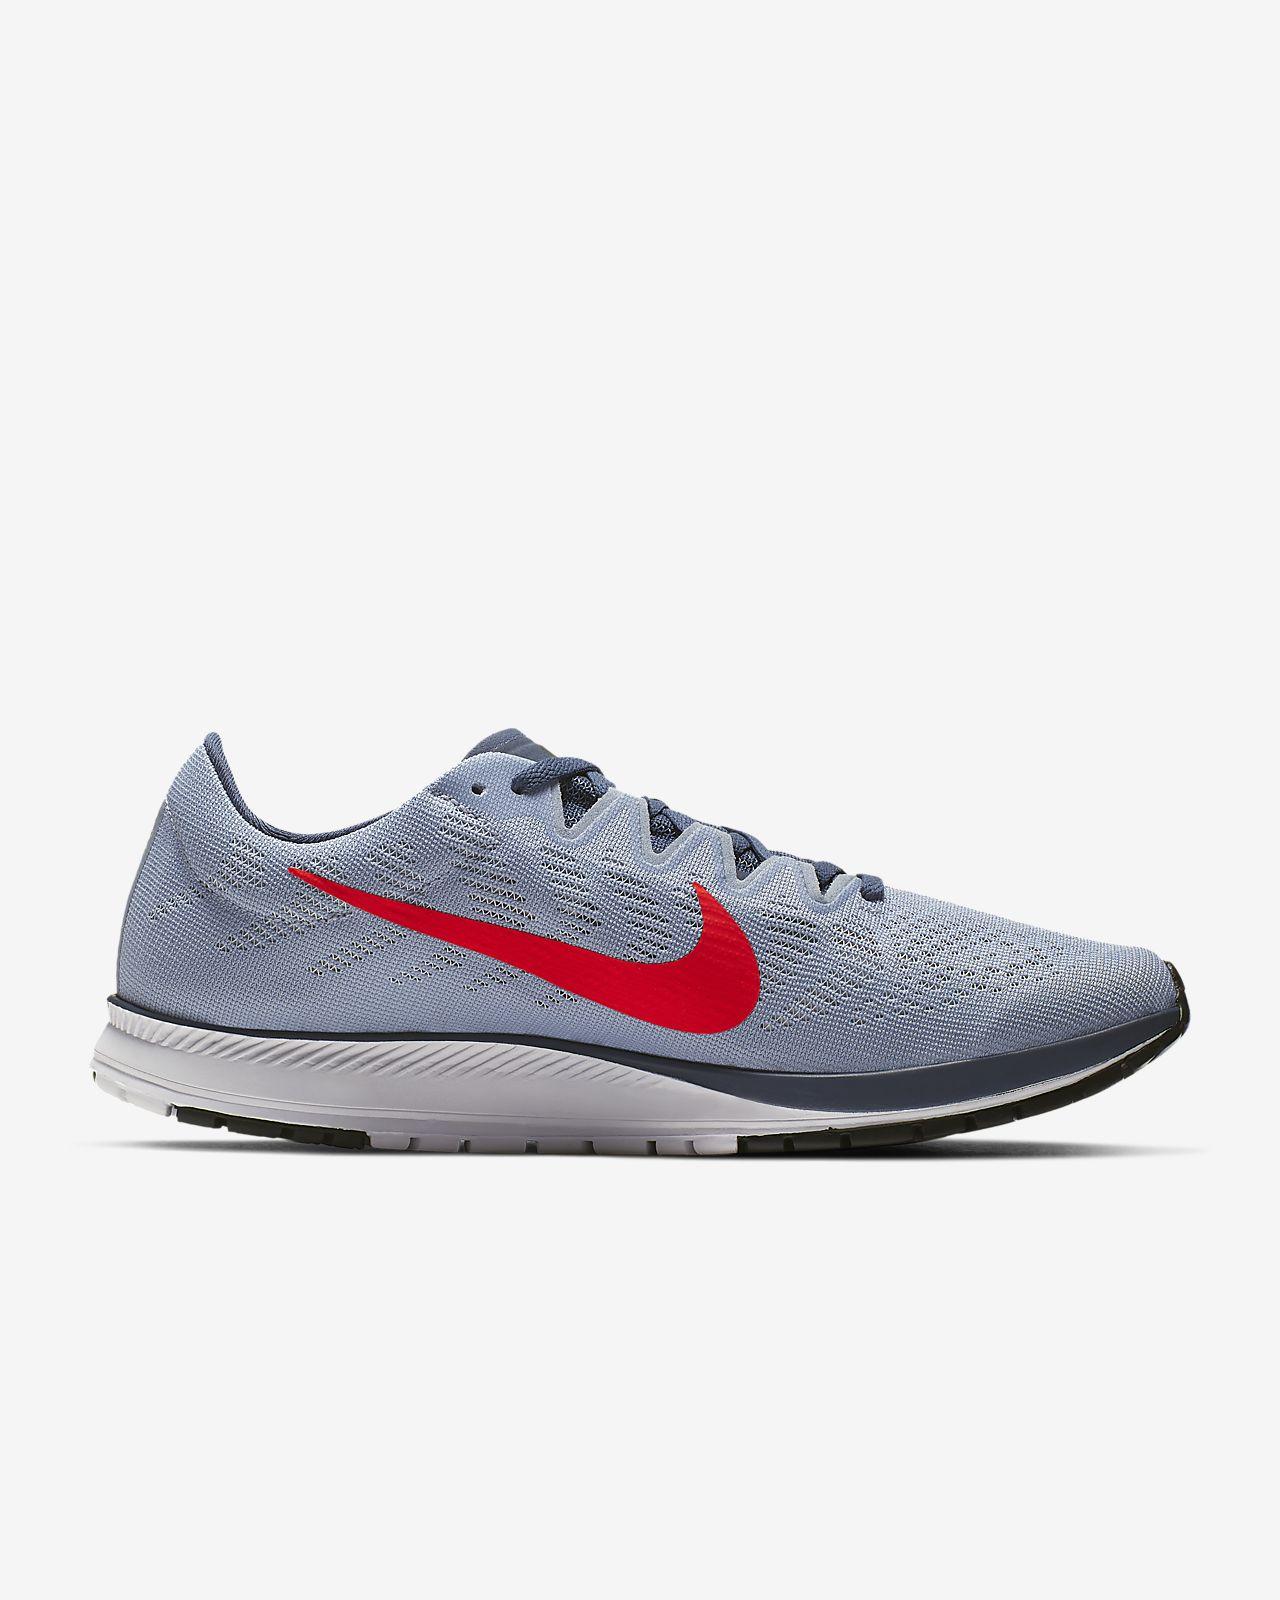 f0705ee1242f Nike Air Zoom Streak 7 Running Shoe. Nike.com CA